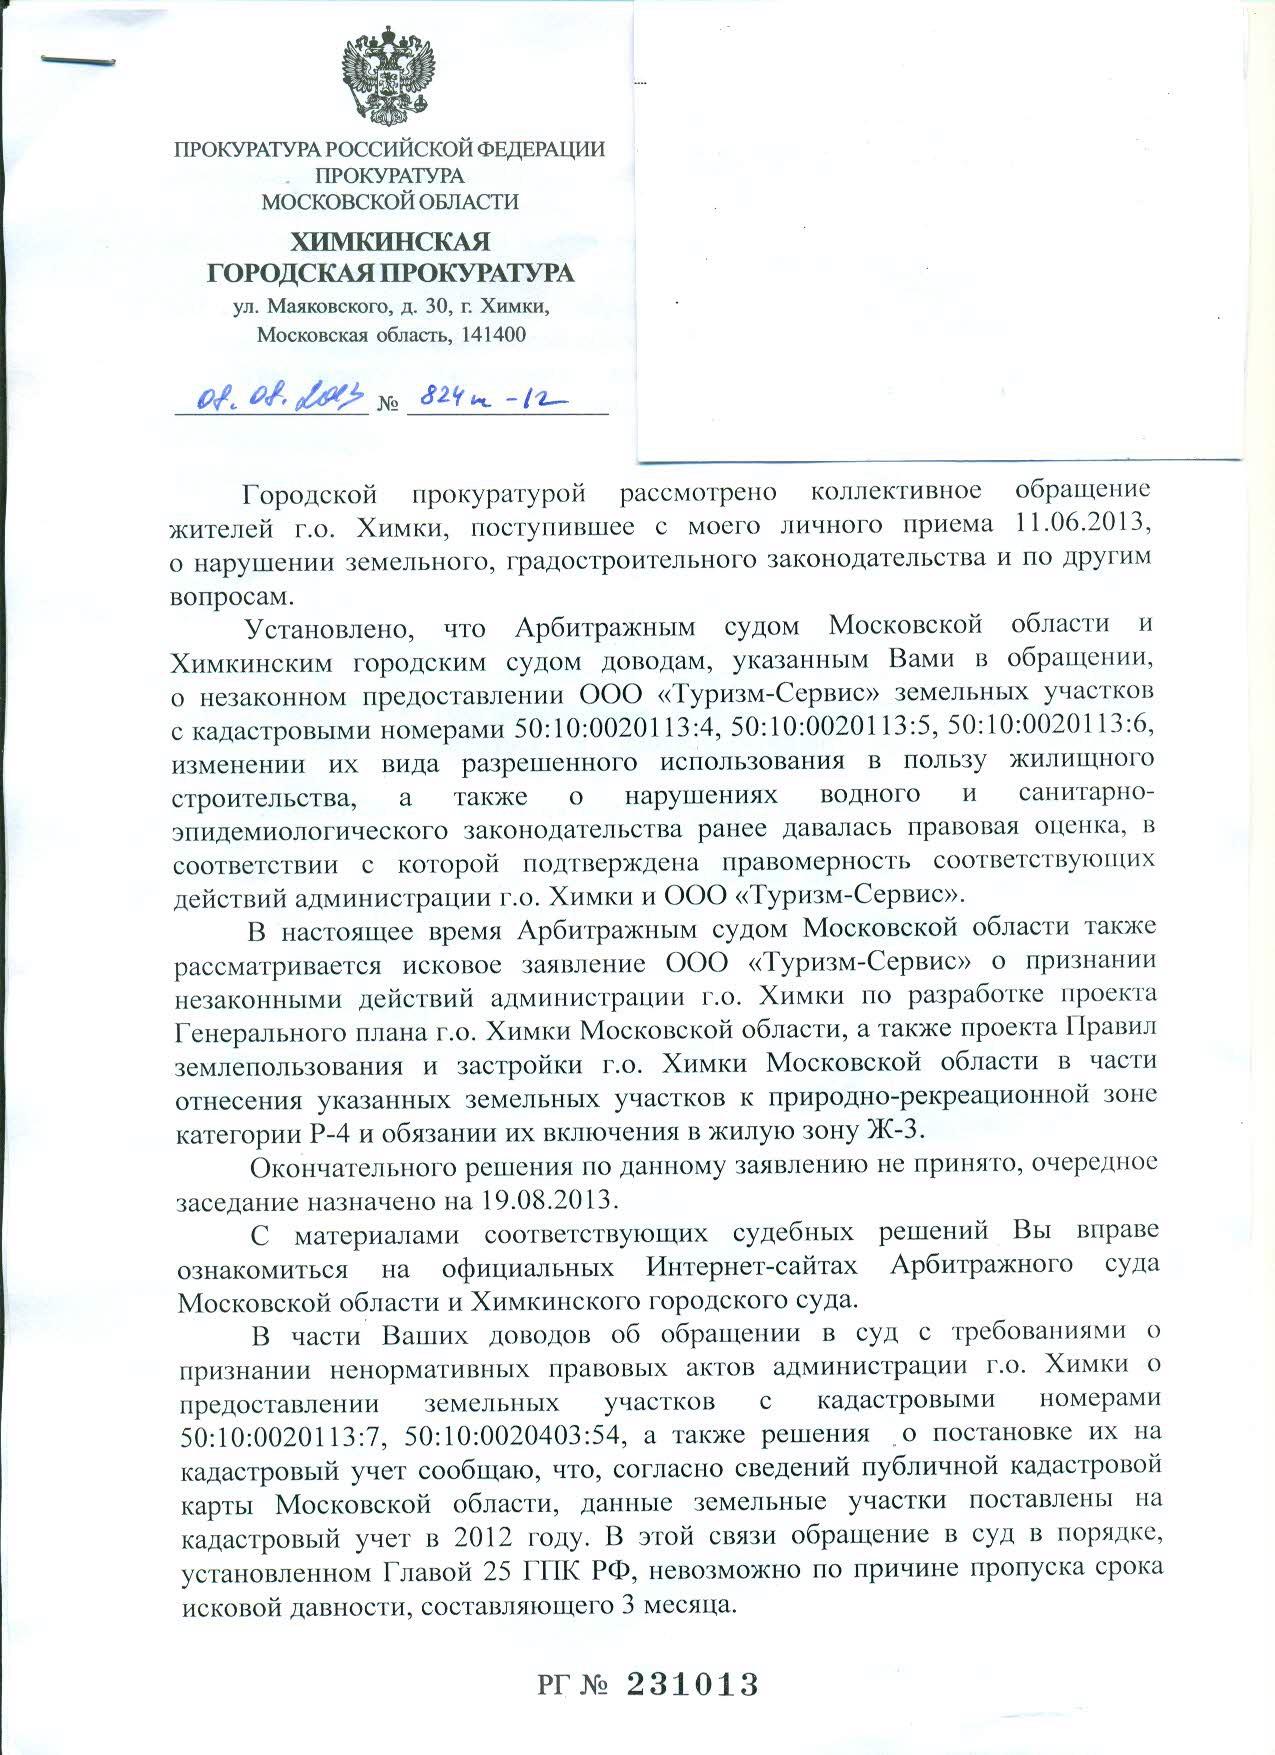 Prokuror-8-08-2013-1